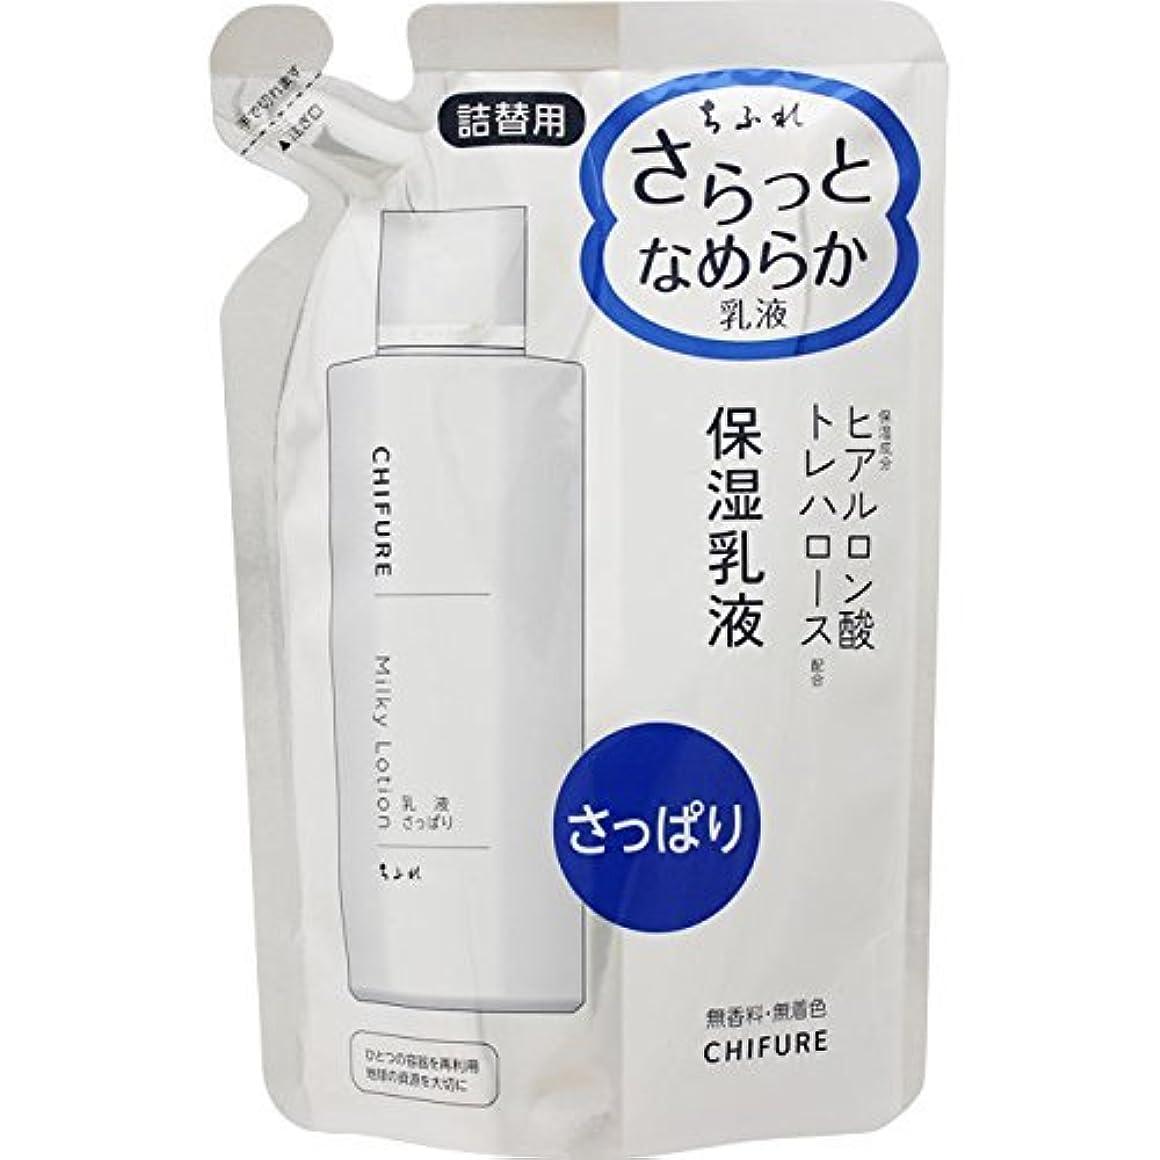 住居区フリースちふれ 乳液さっぱりタイプN詰替用 150ML